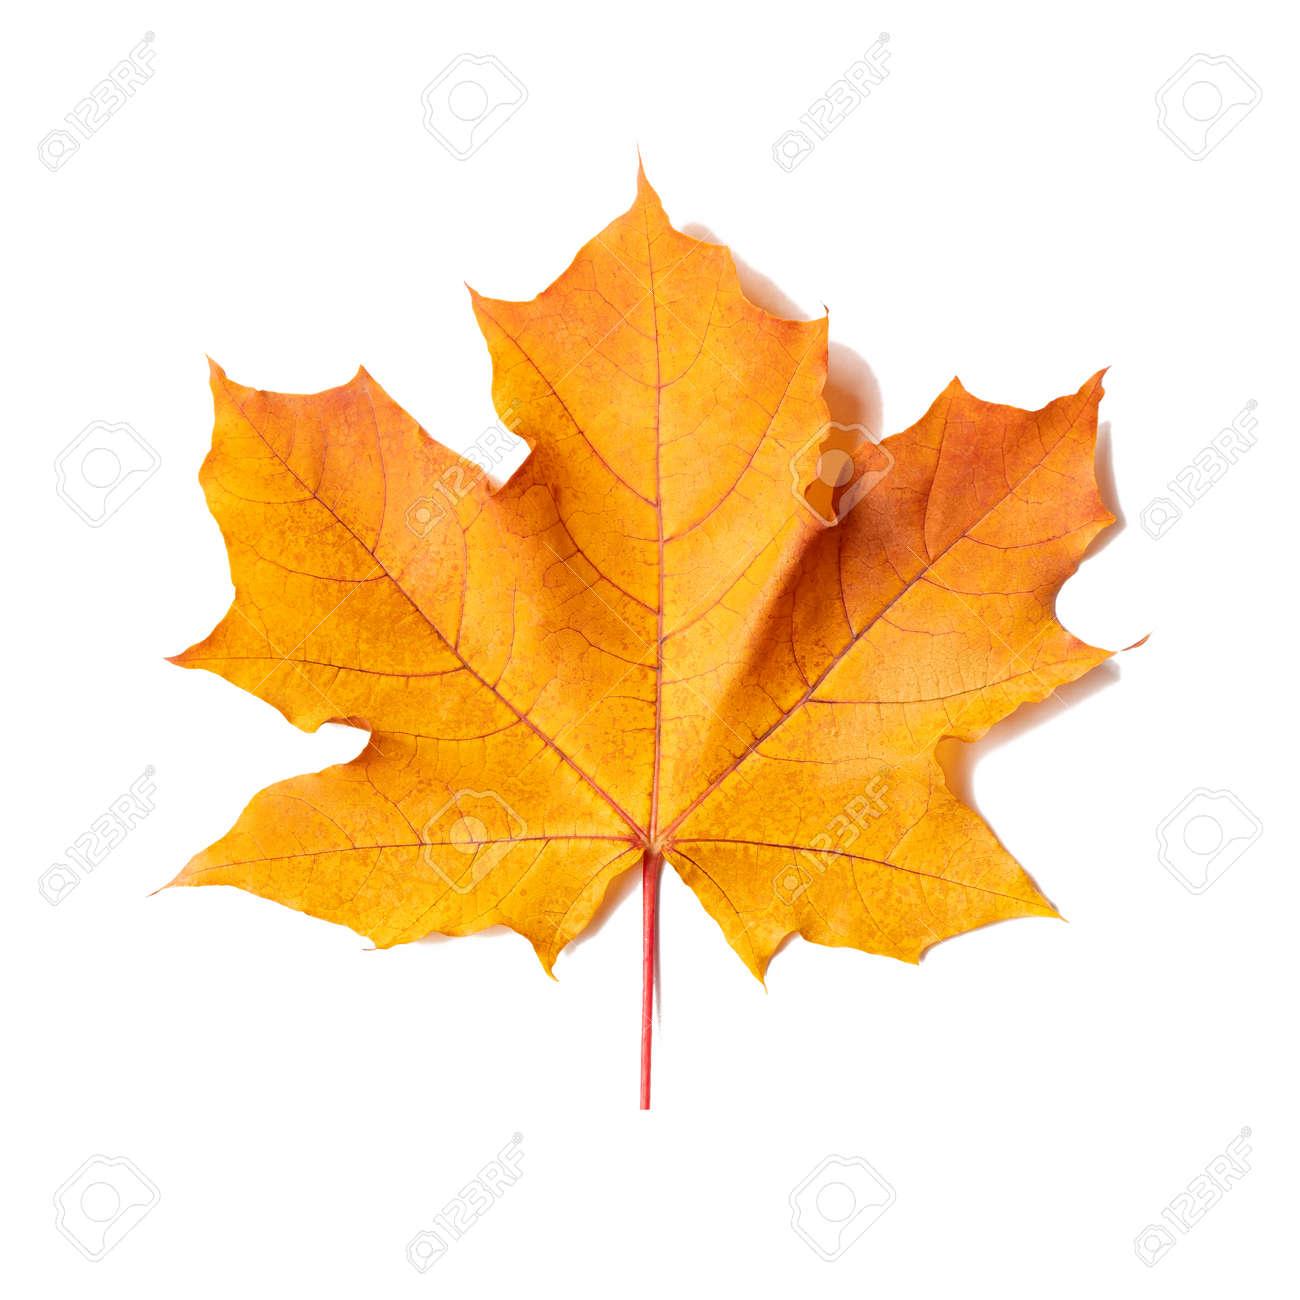 Yellow-orange maple leaf isolated on white background - 170577199